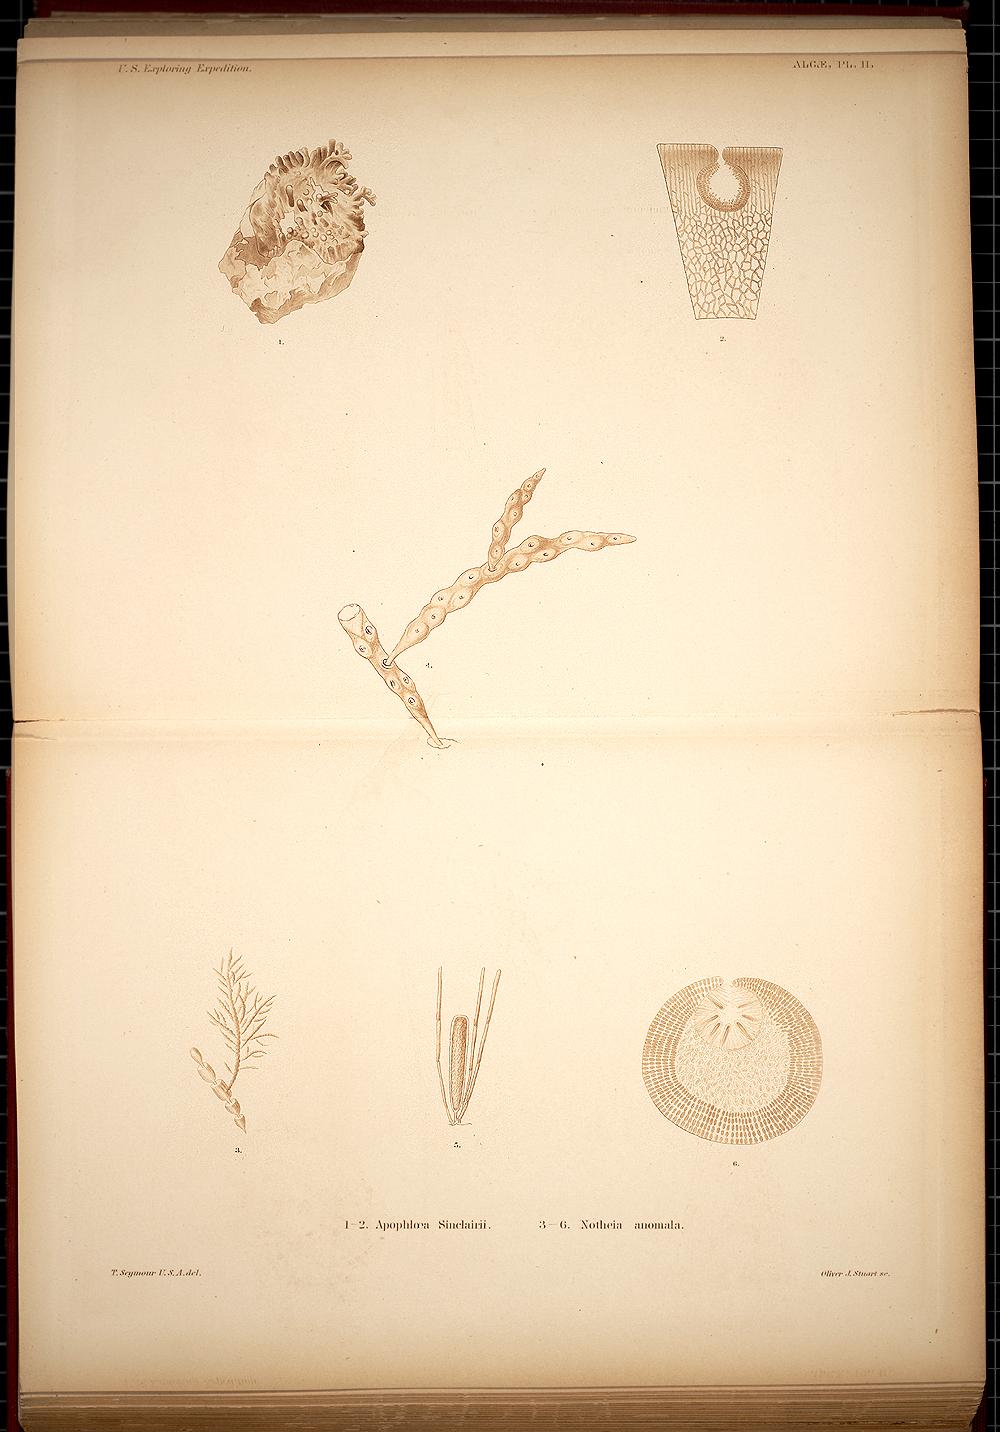 Algae, Plate II,  Image number:SIL19-28-003